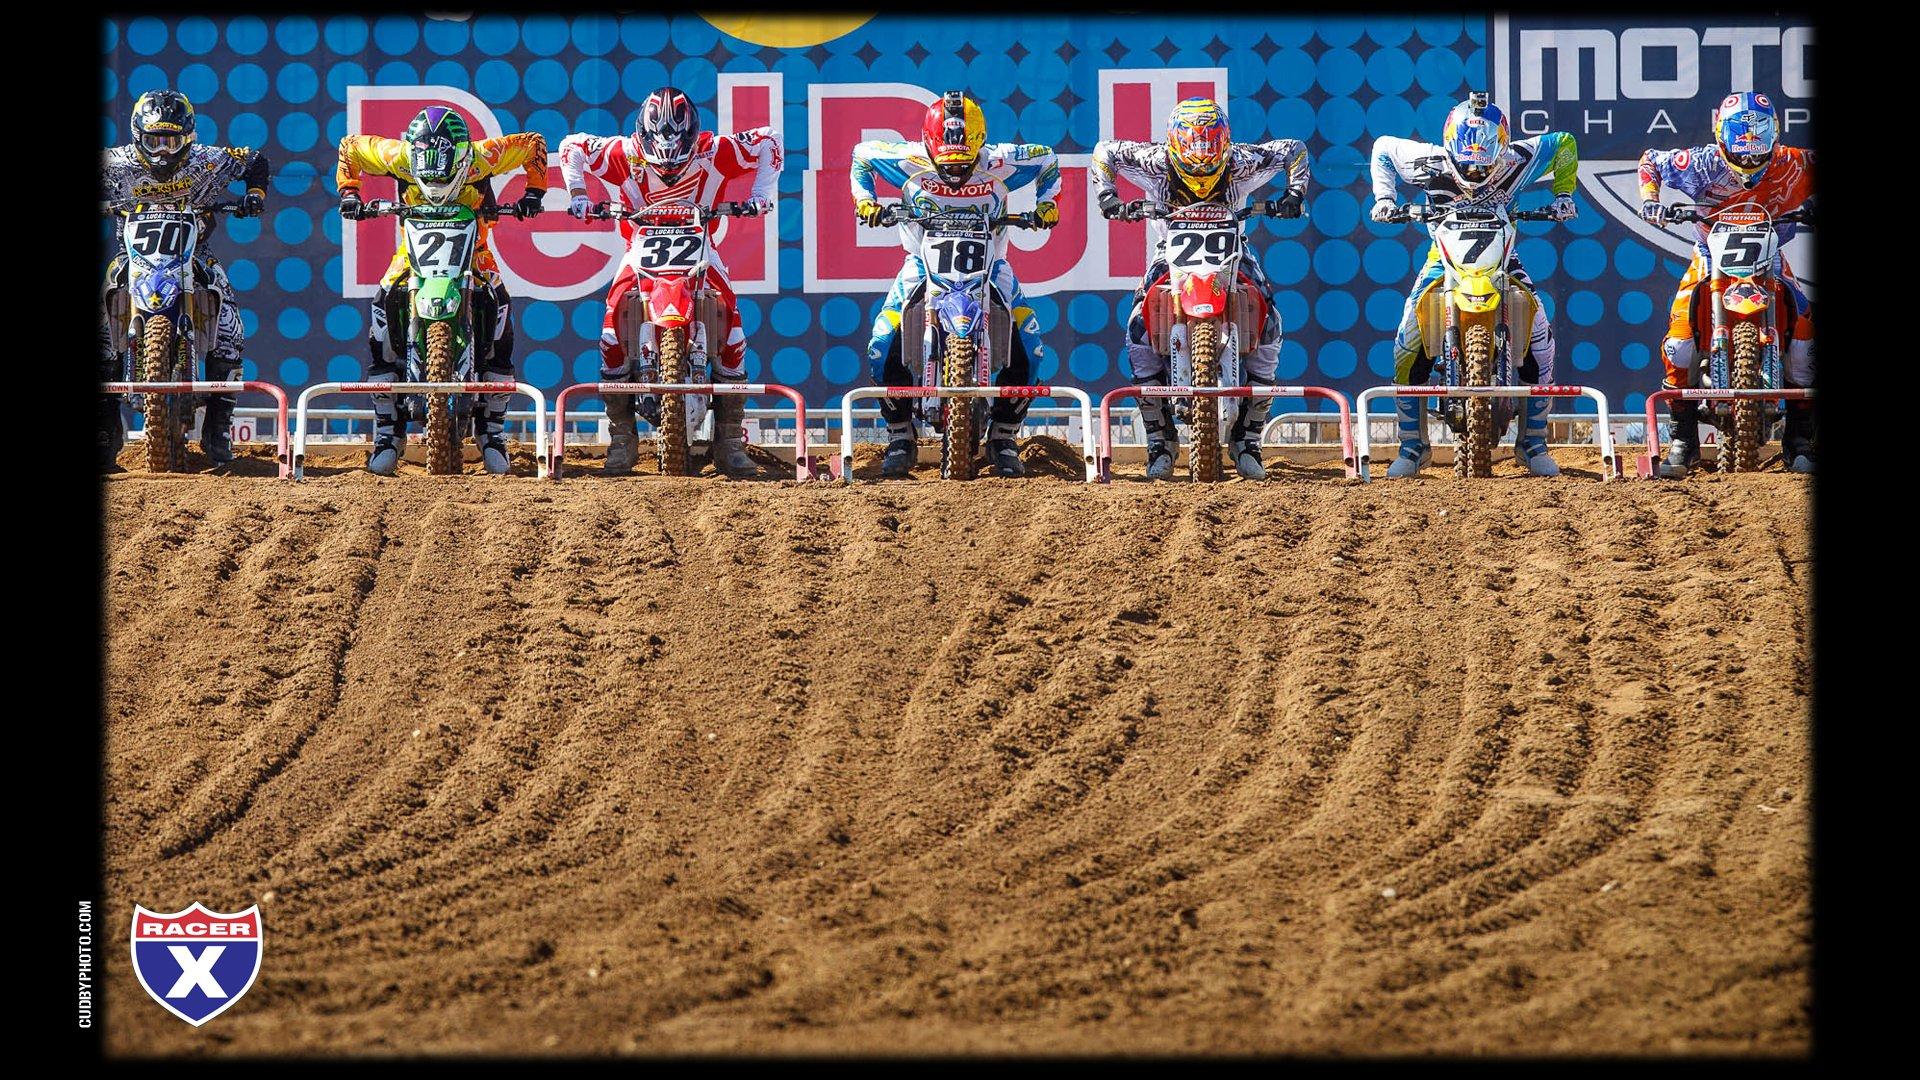 Racer X Online - Motocross & Supercross NewsRacer X Online - Motocross & Supercross NewsHangtown MX Wallpapers